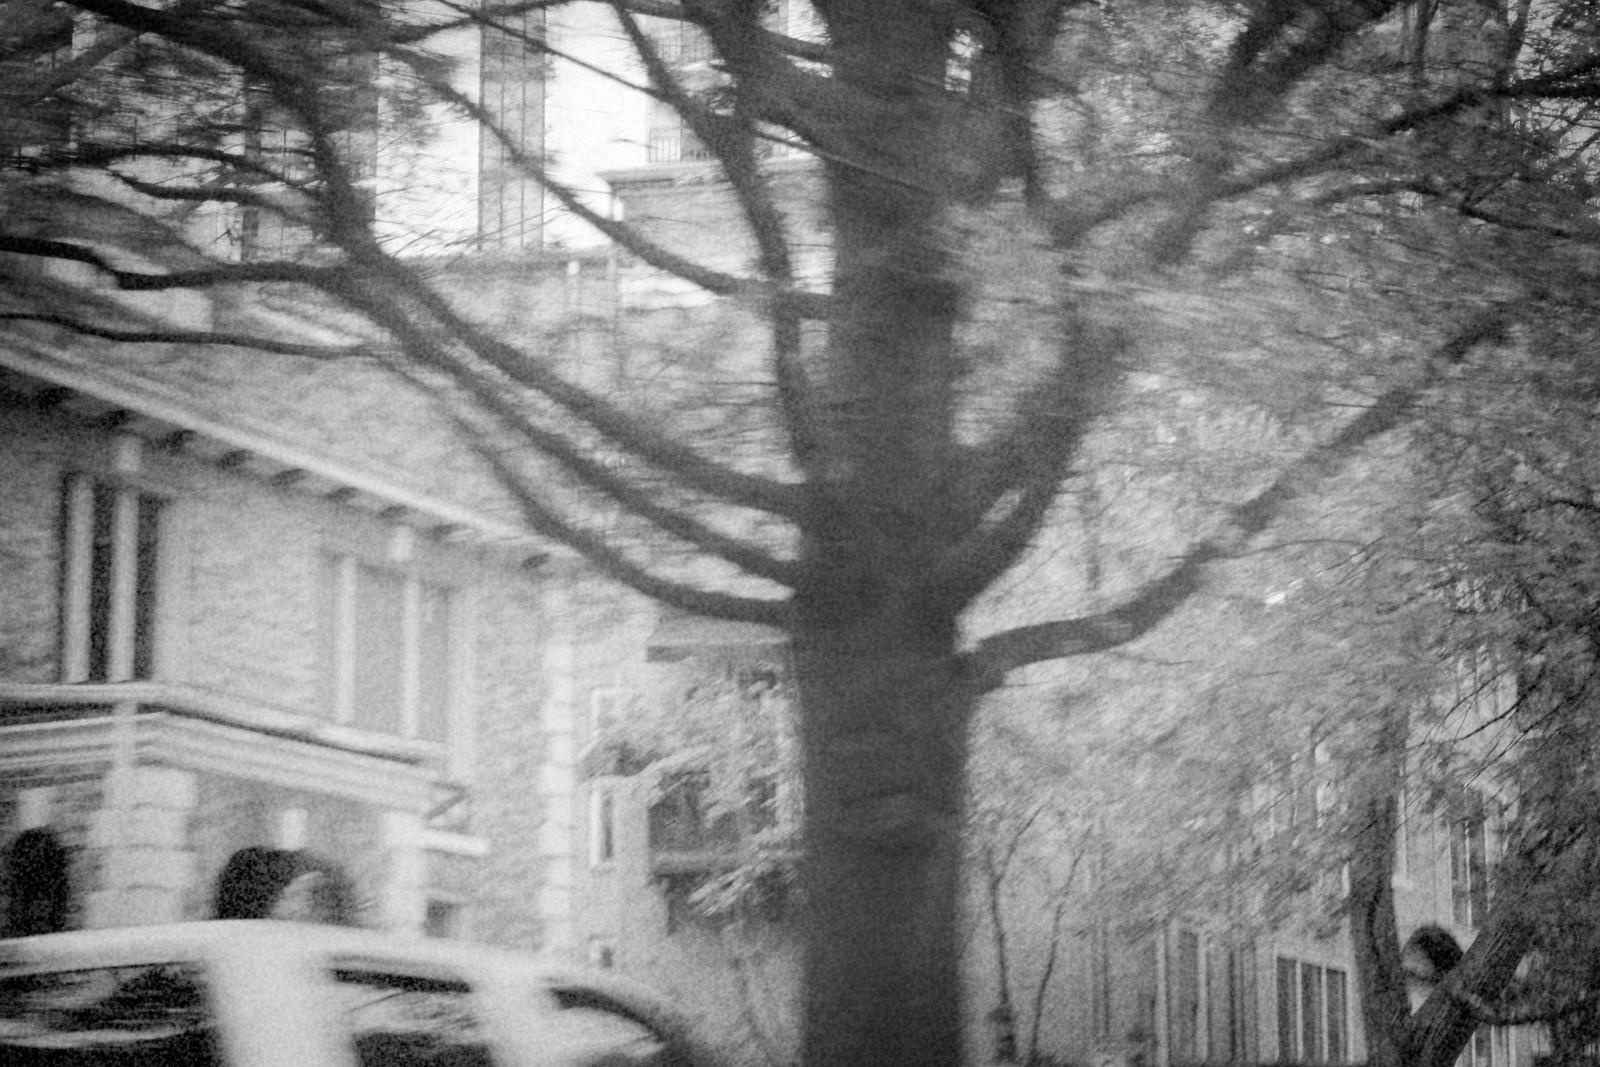 Piedmont Ave Tree near Piedmont Park, Atlanta, Georgia, 2014